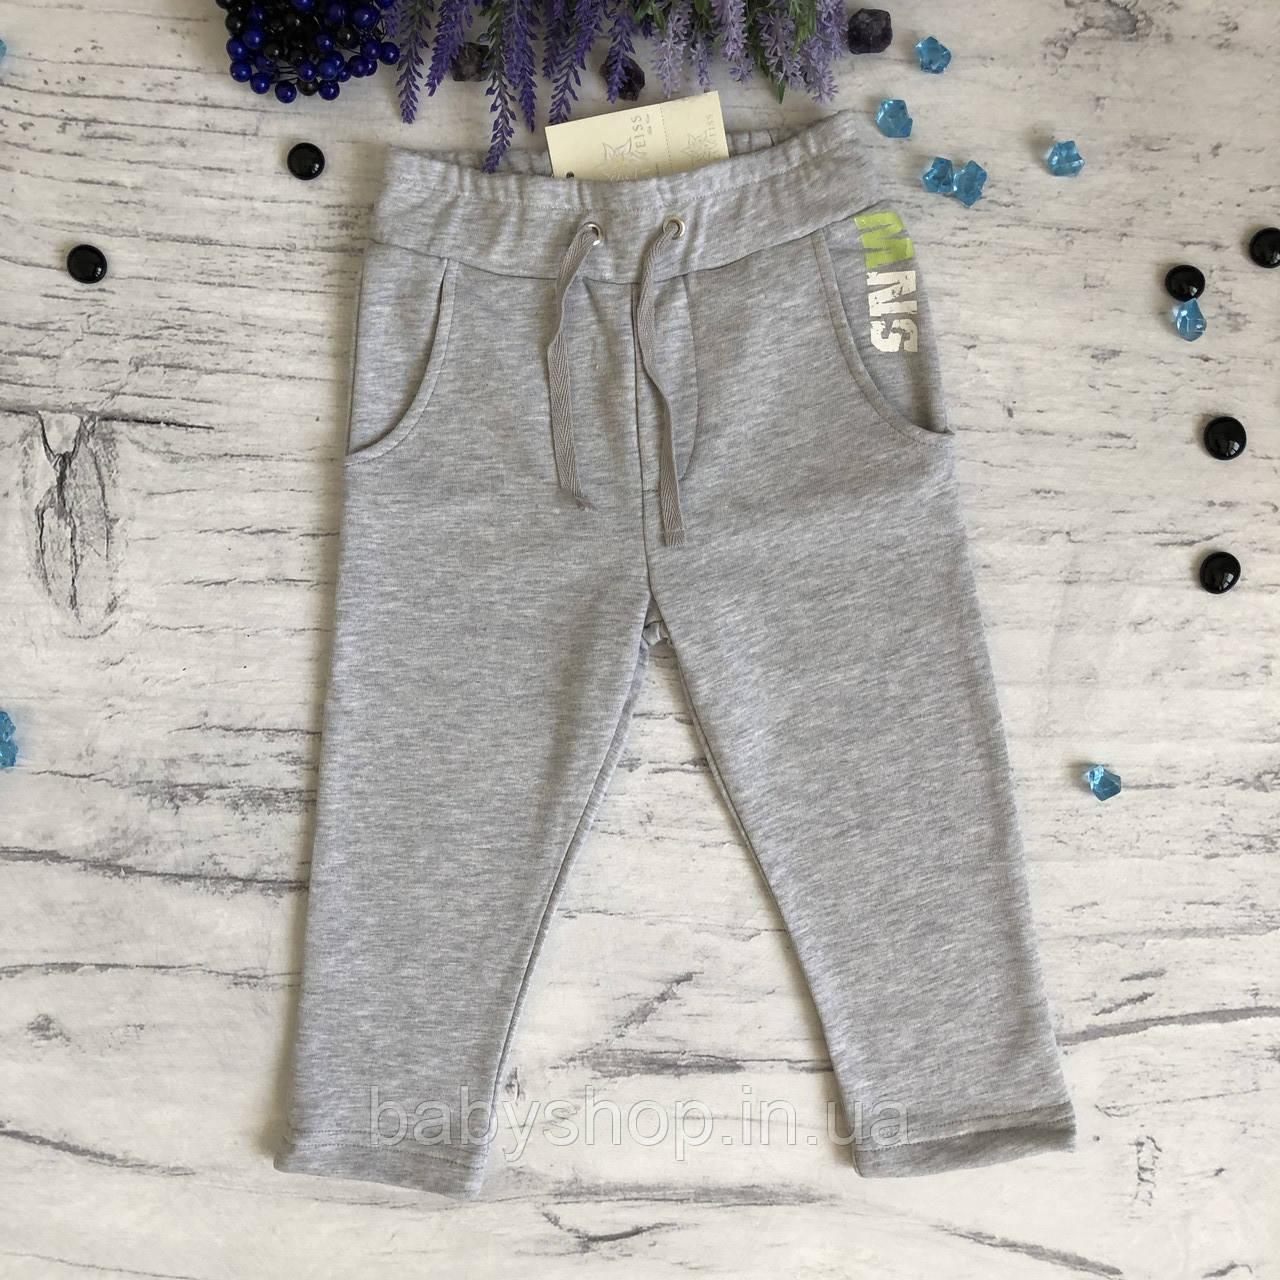 Спортивные штаны на мальчика 2. Размеры 3 года (98см),  5лет(110см), 6 л, 7 л, 8л, 10 лет, 12 лет